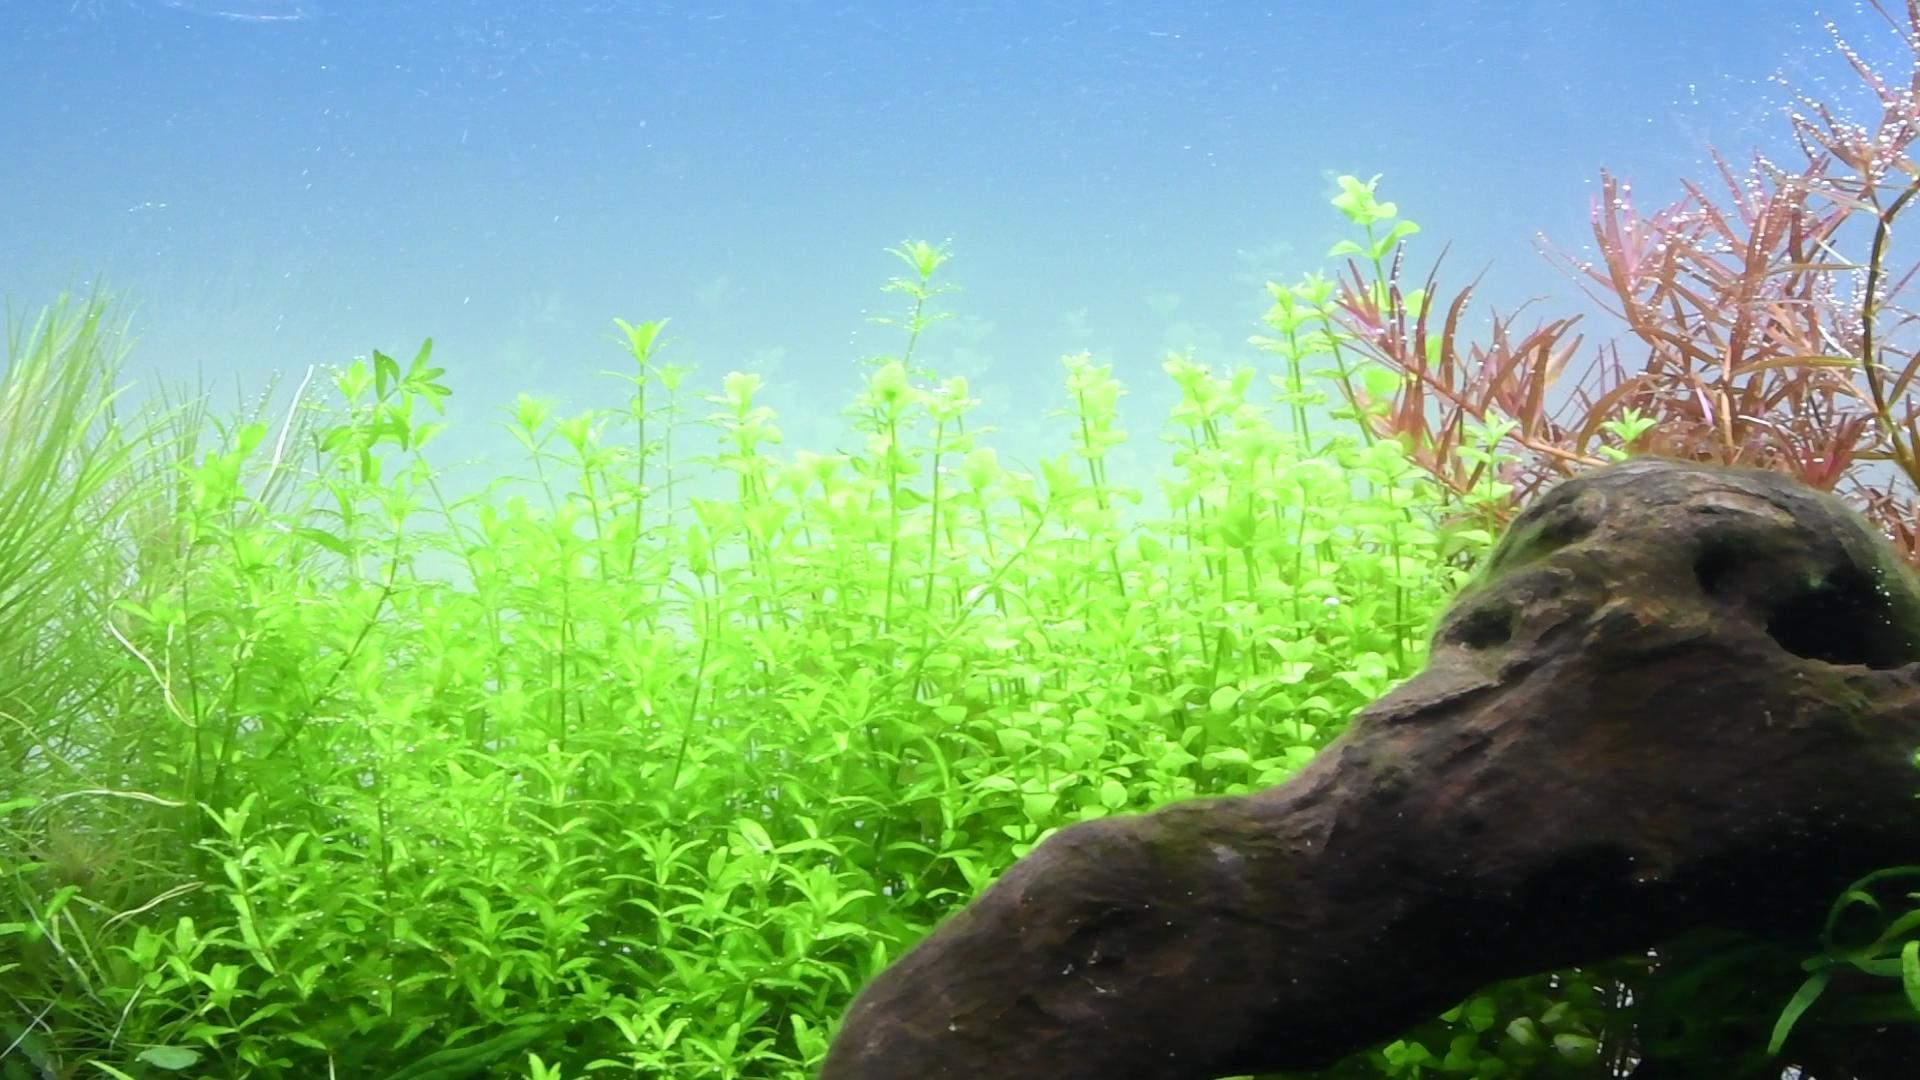 水草紹介: 最初元気 でも徐々に…なパールグラス